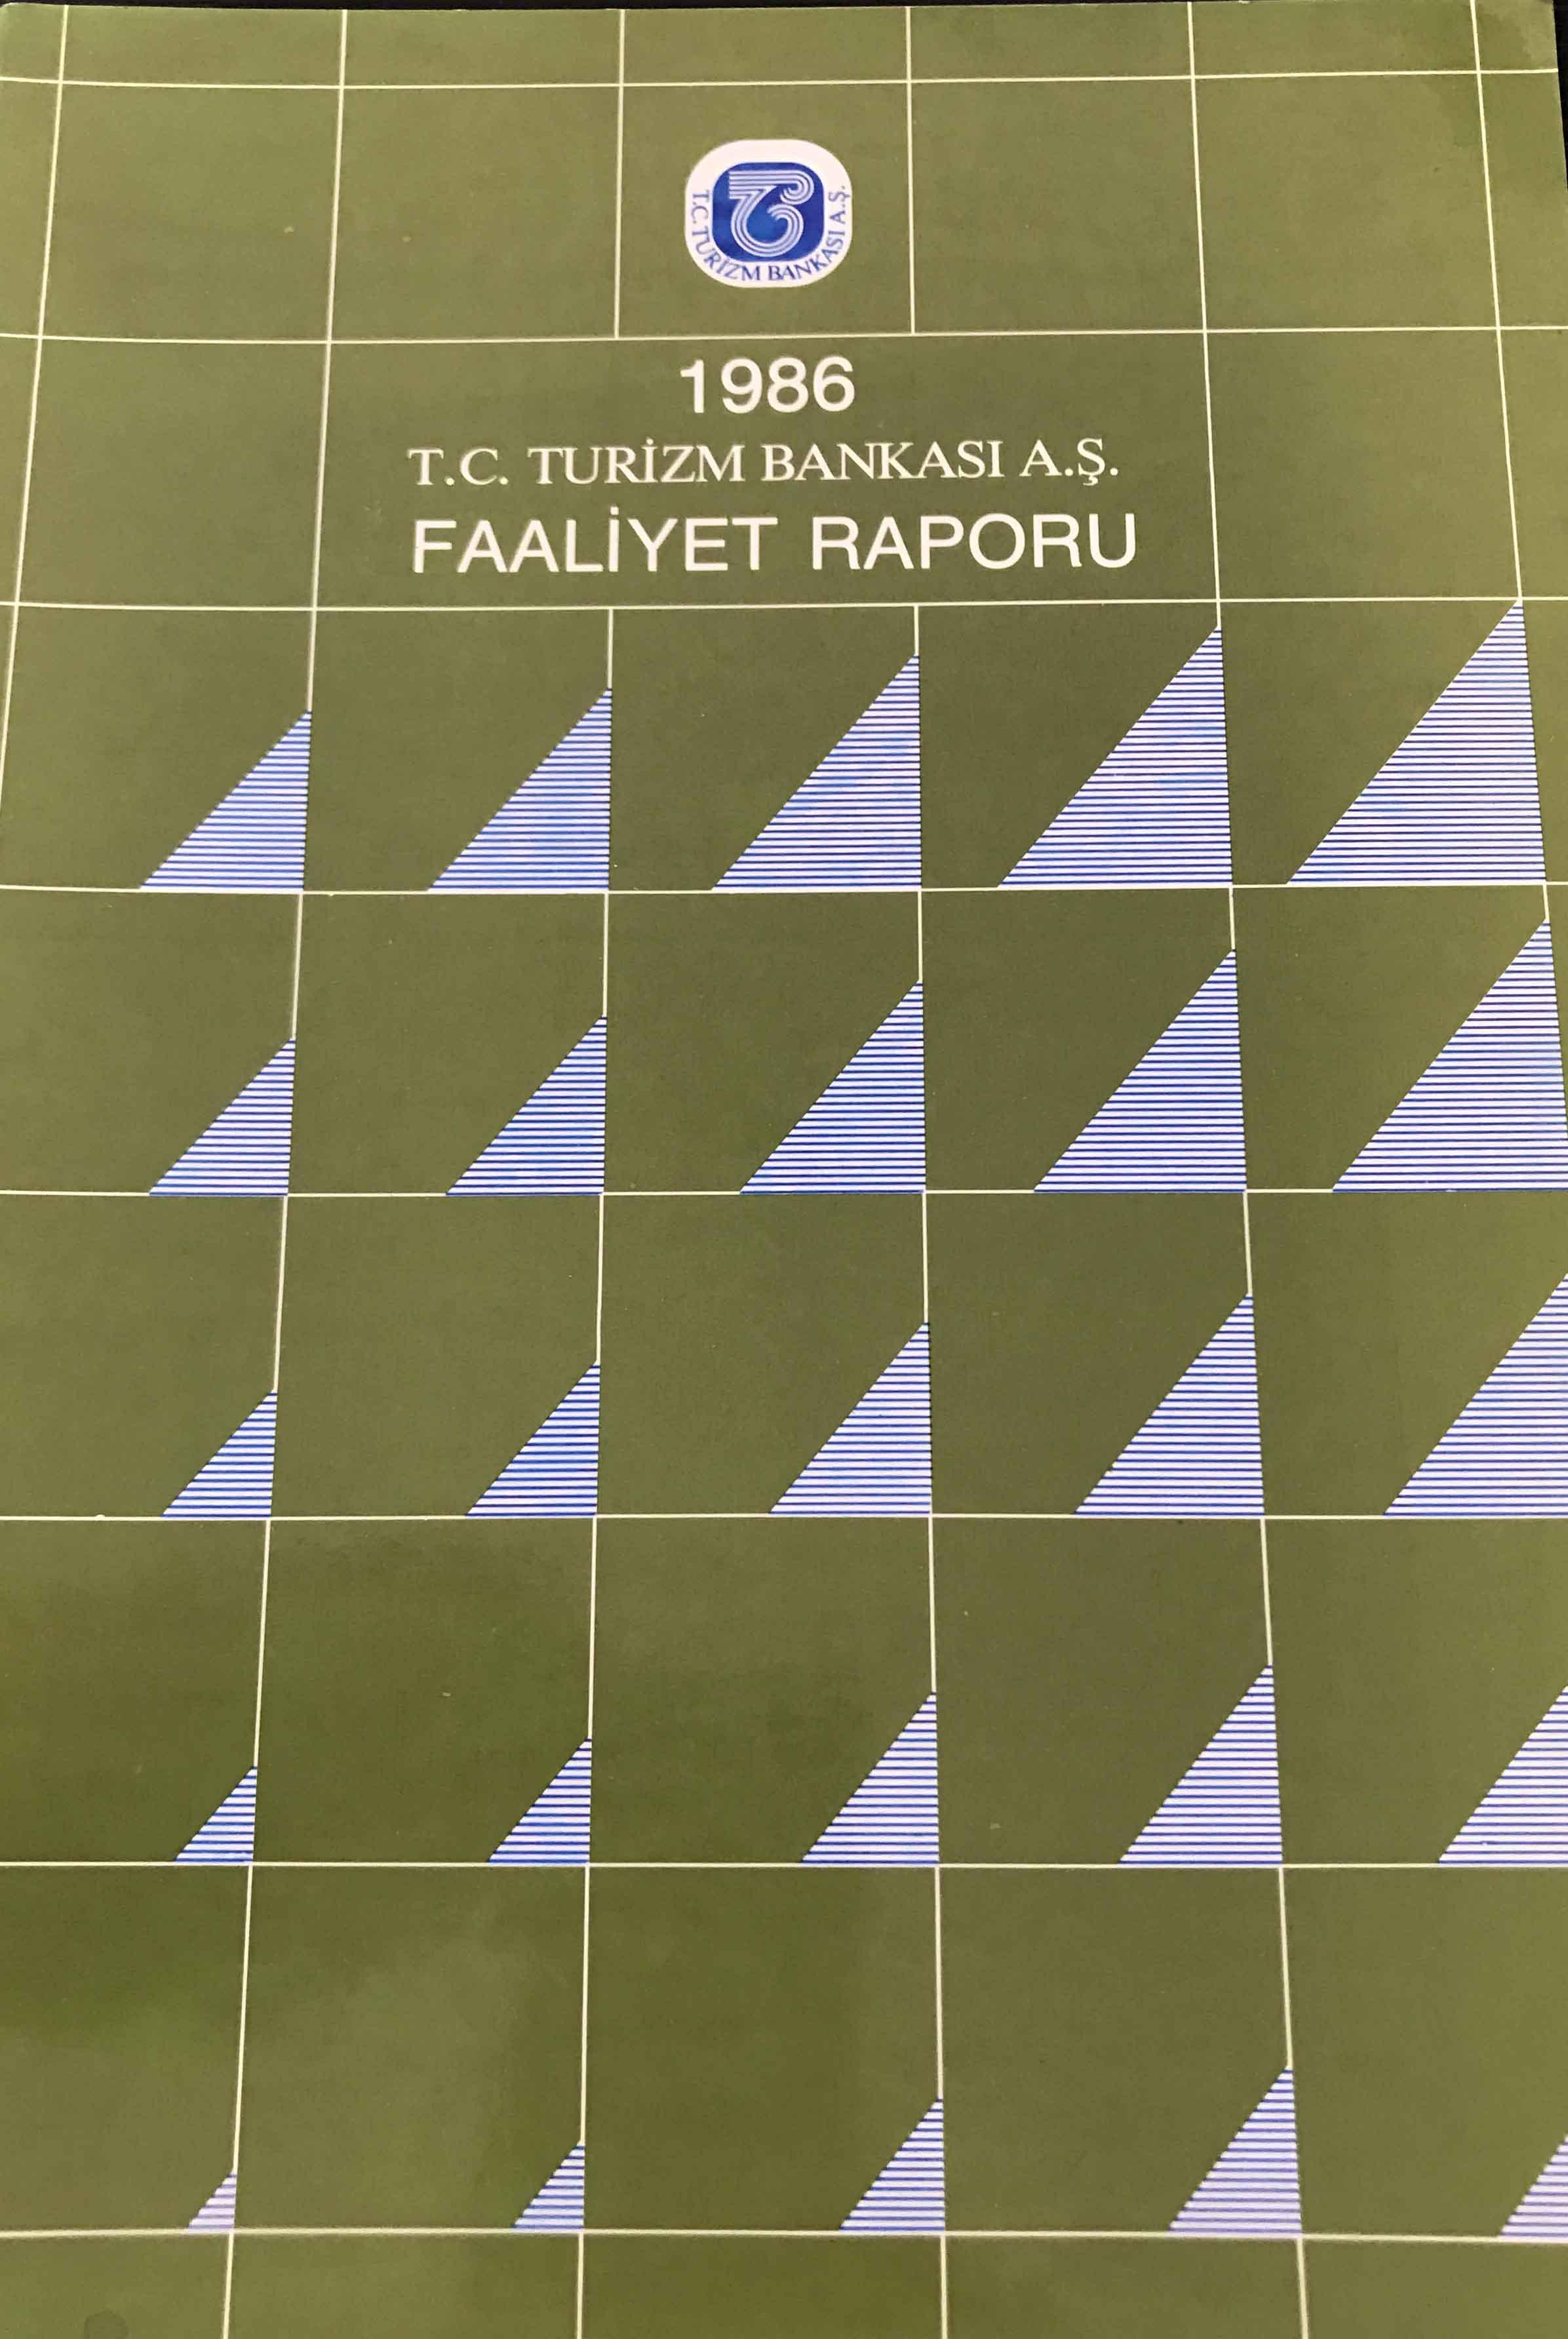 T. C. Turizm Bankası A.Ş. Faaliyet Raporu 1986 Kitap Kapağı